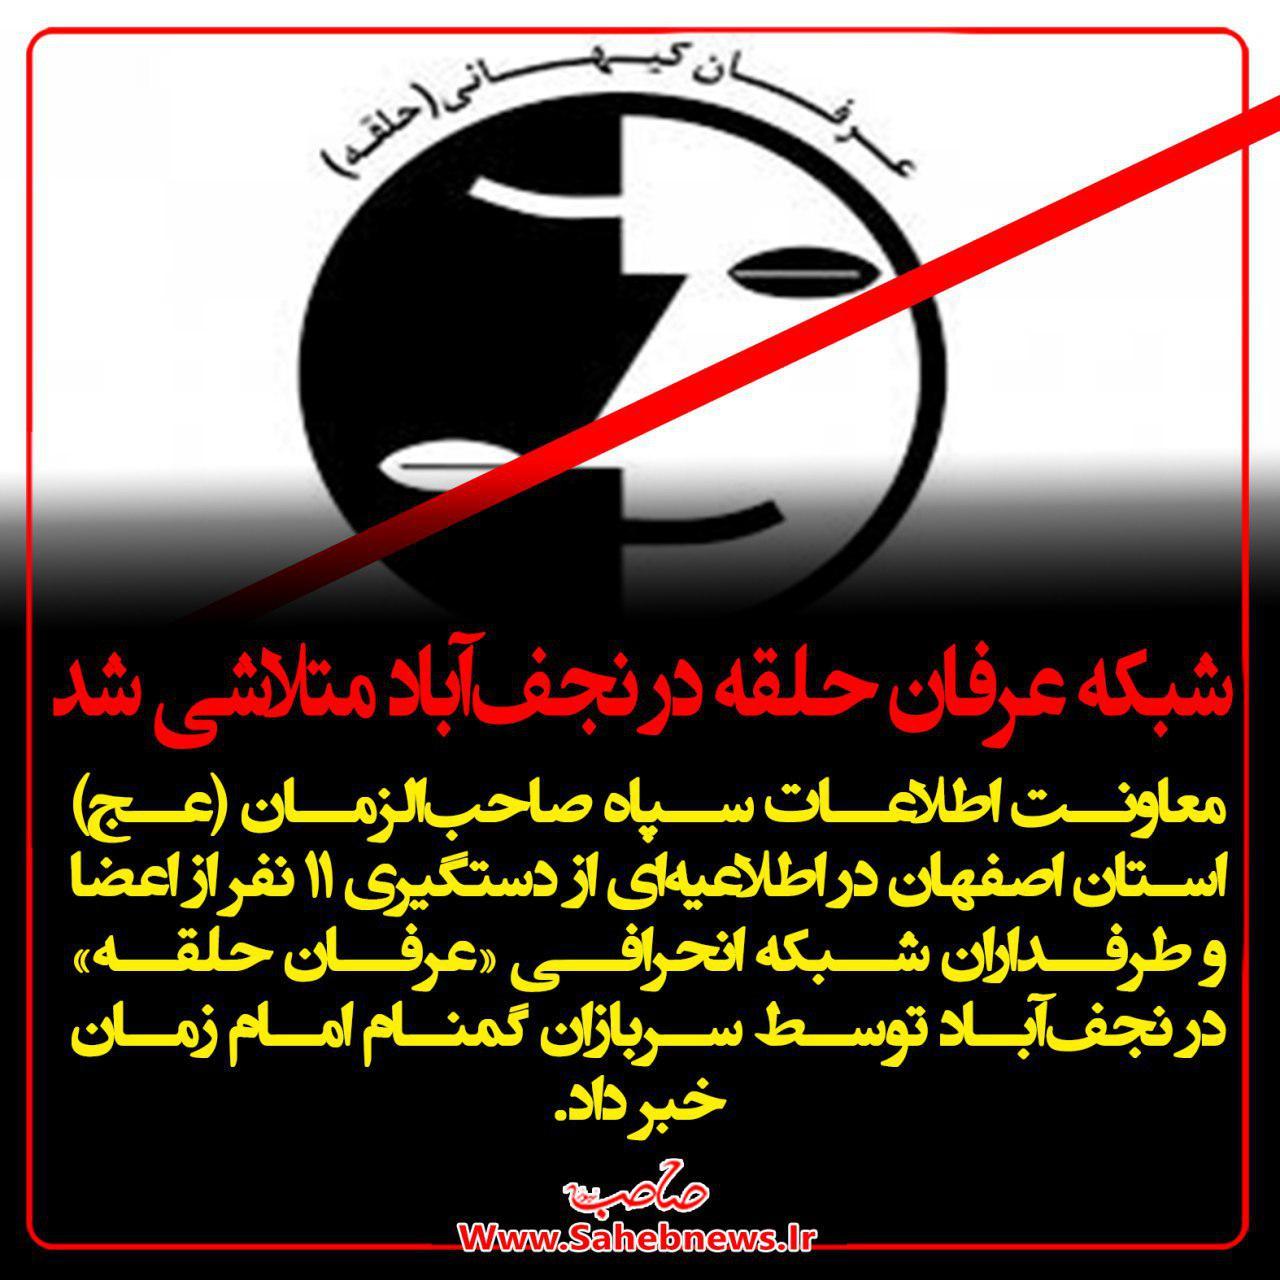 دستگیری ۱۱عضو عرفان حلقه در نجف آباد دستگیری 11عضو عرفان حلقه در نجف آباد دستگیری 11عضو عرفان حلقه در نجف آباد